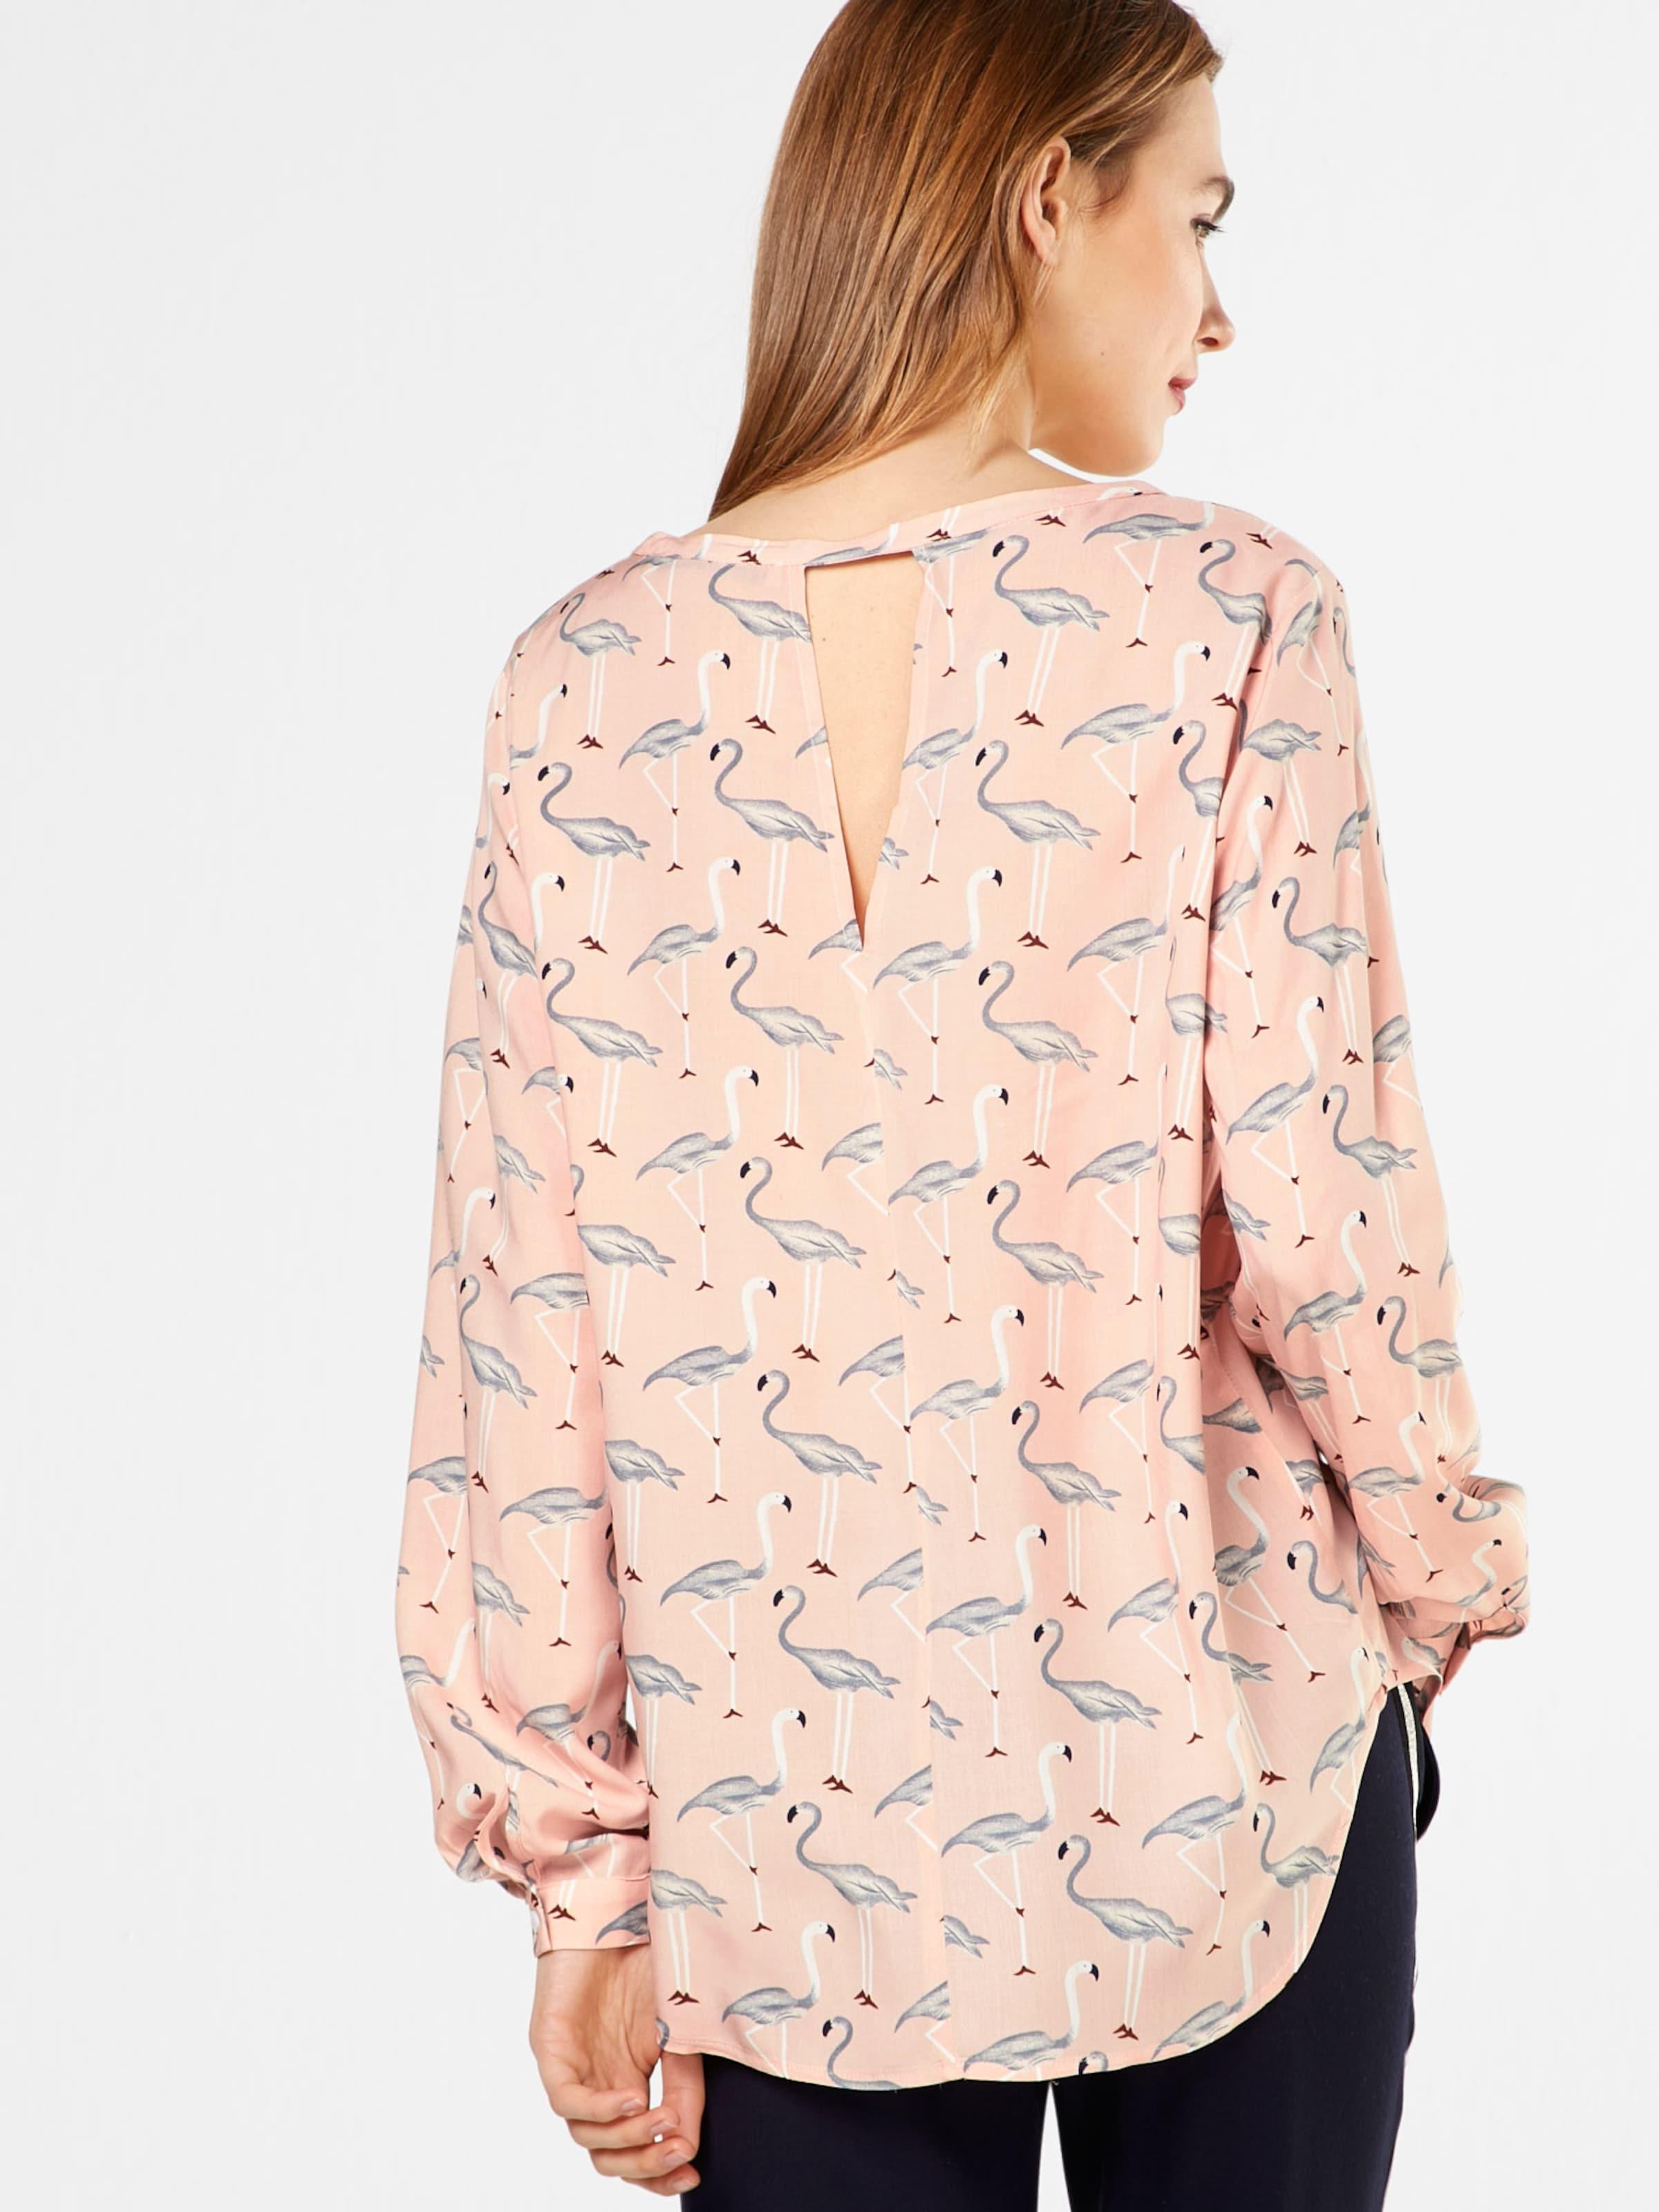 Frei Verschiffen Angebot Billig RUE de FEMME Bluse 'Rima blouse' Sammlungen Online fi67DWrC